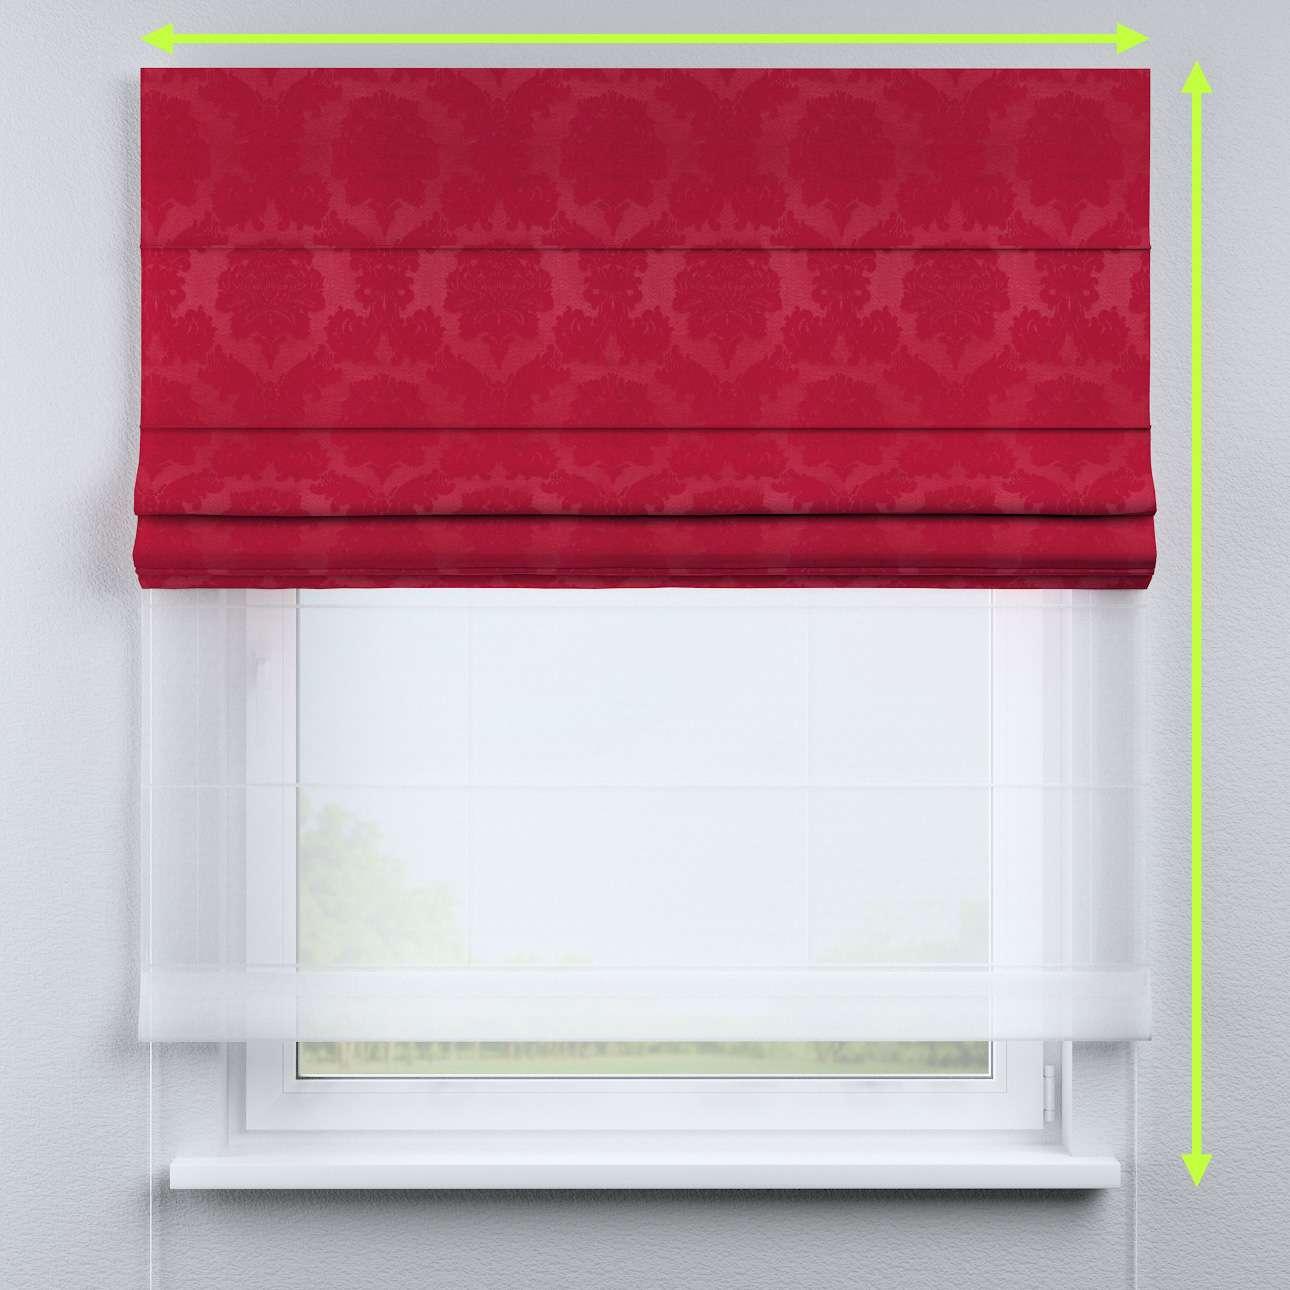 Roleta rzymska Duo 130×170cm w kolekcji Damasco, tkanina: 613-13